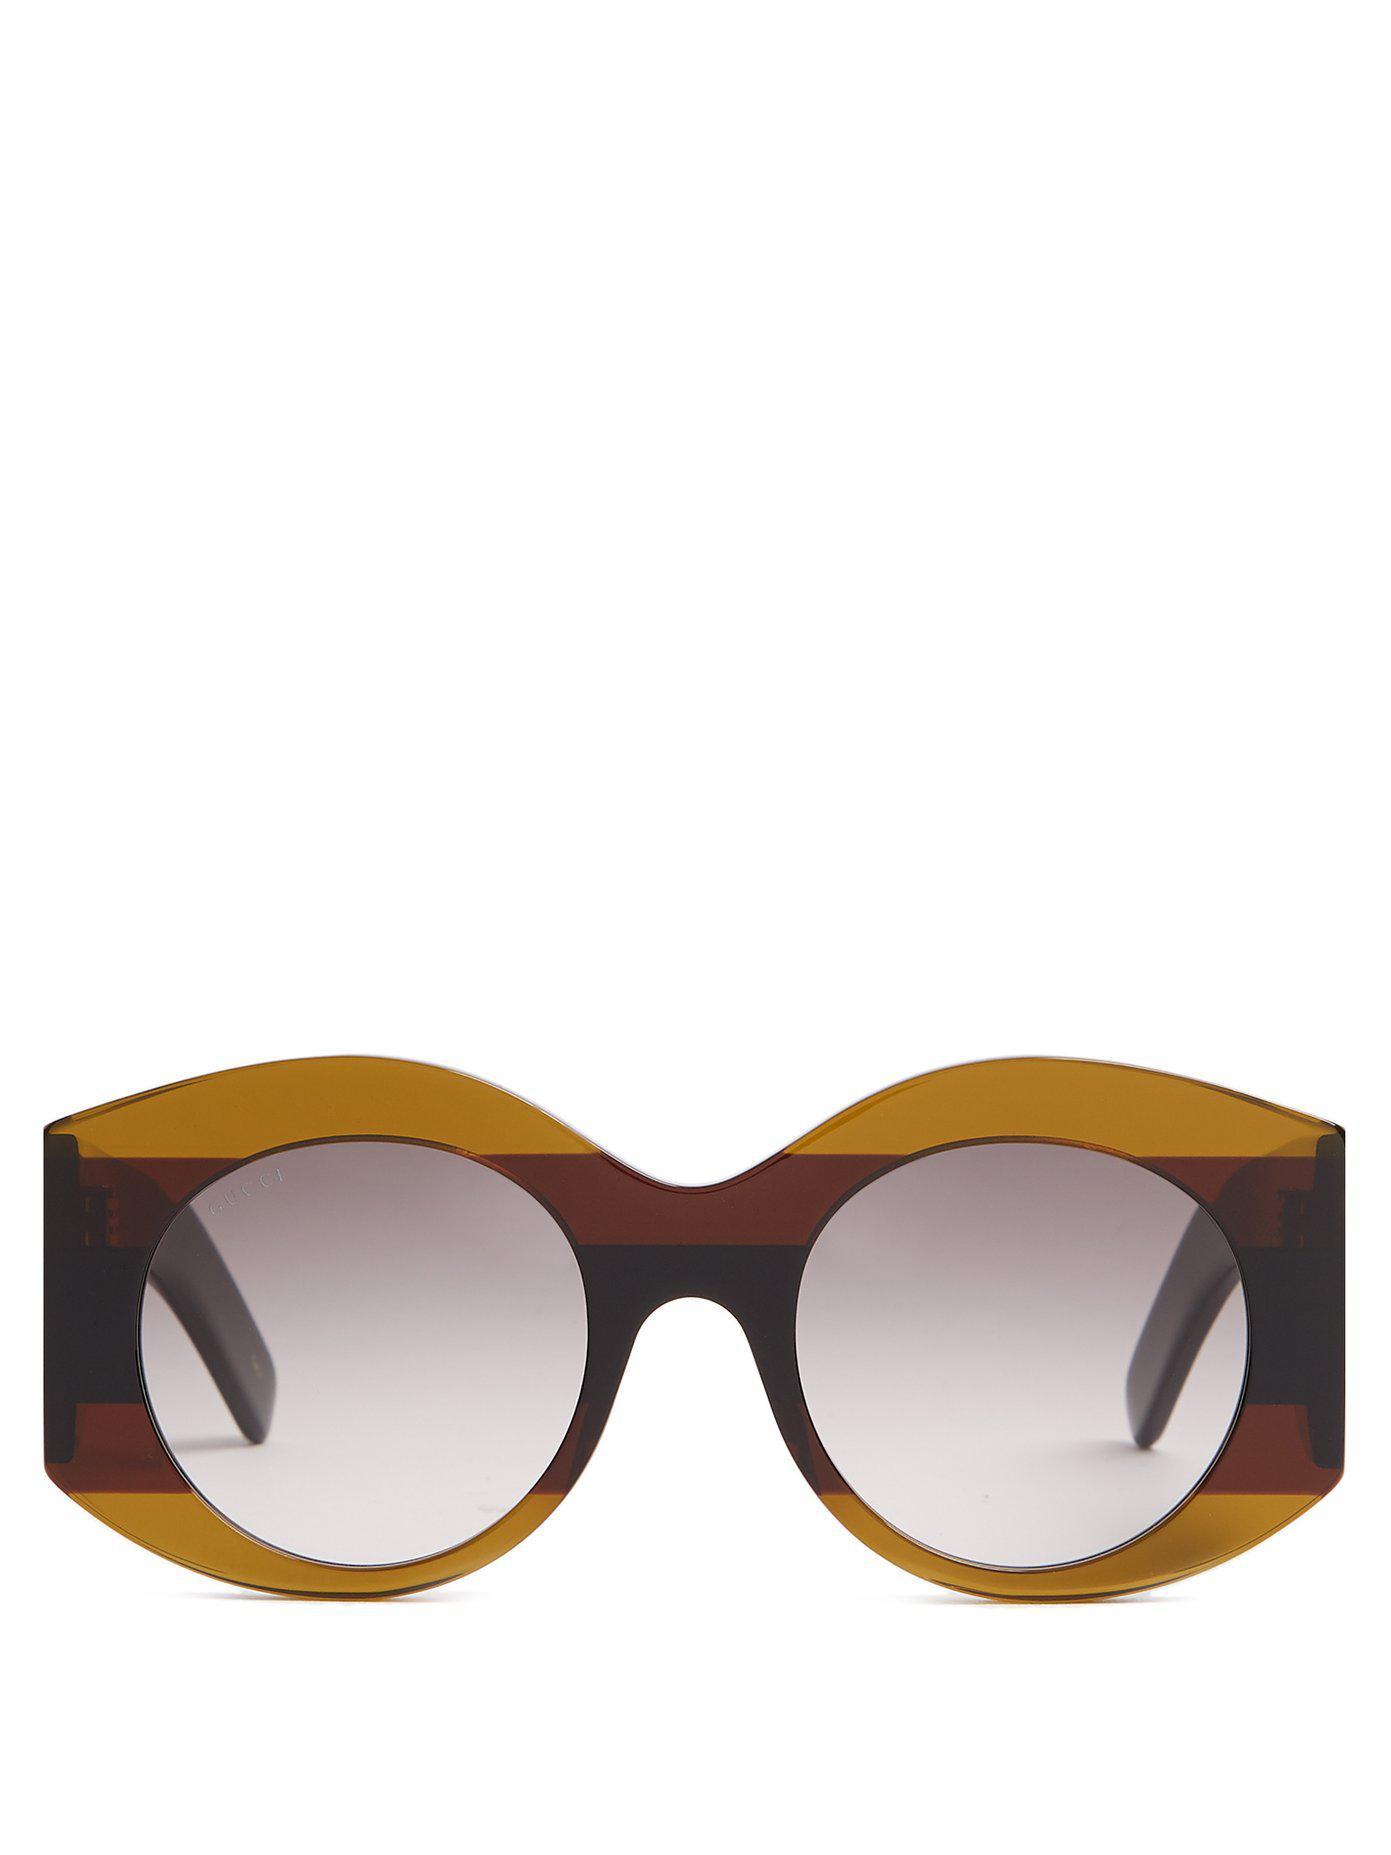 0ace5f7a626deb Lyst - Lunettes de soleil rondes en acétate à rayures Gucci